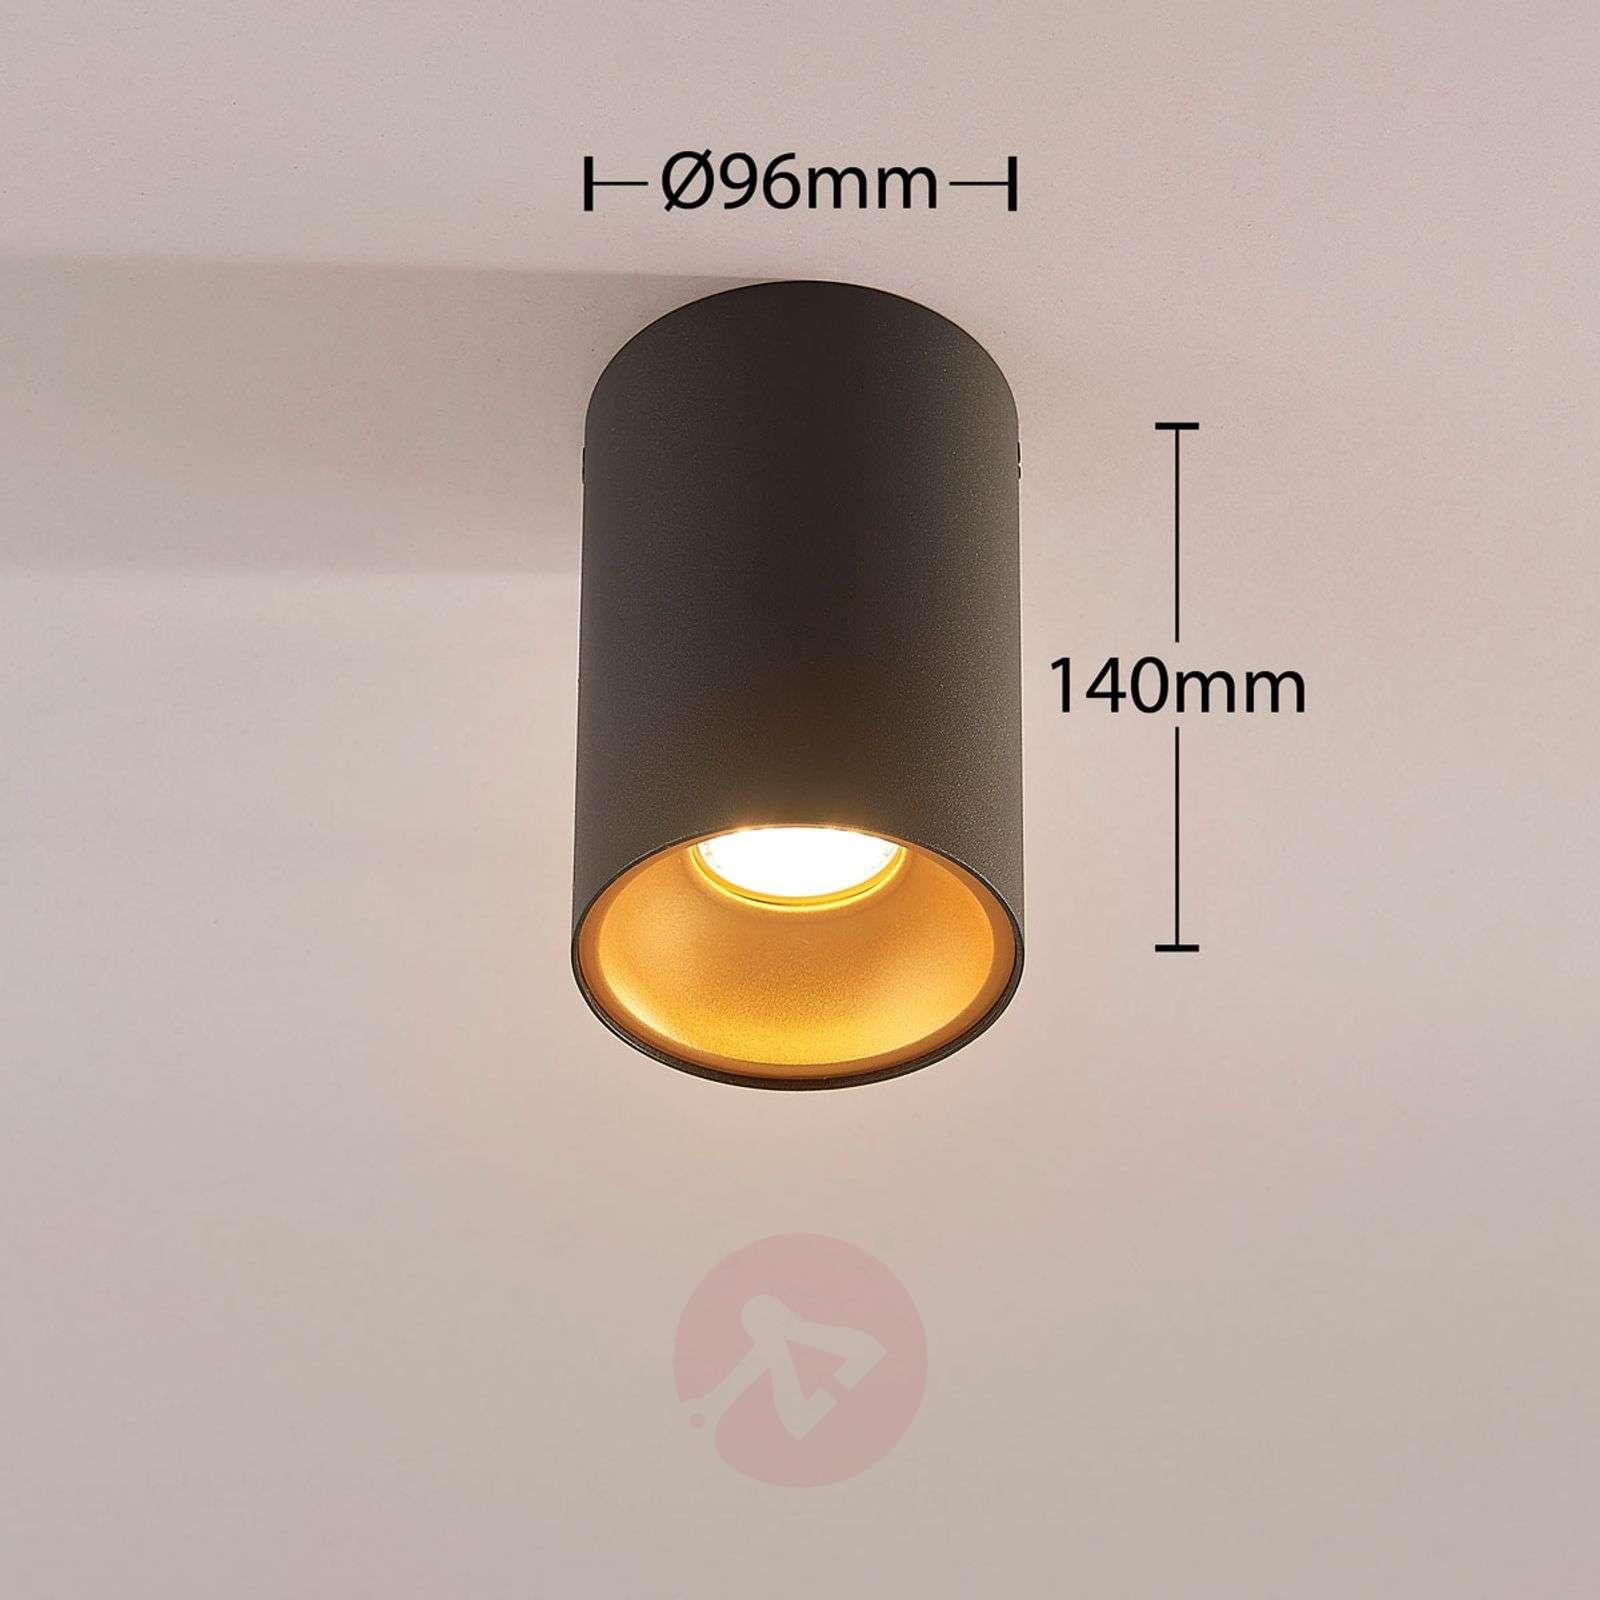 Vinja halogen ceiling light with inner reflector lights vinja halogen ceiling light with inner reflector 9620698 010 aloadofball Choice Image